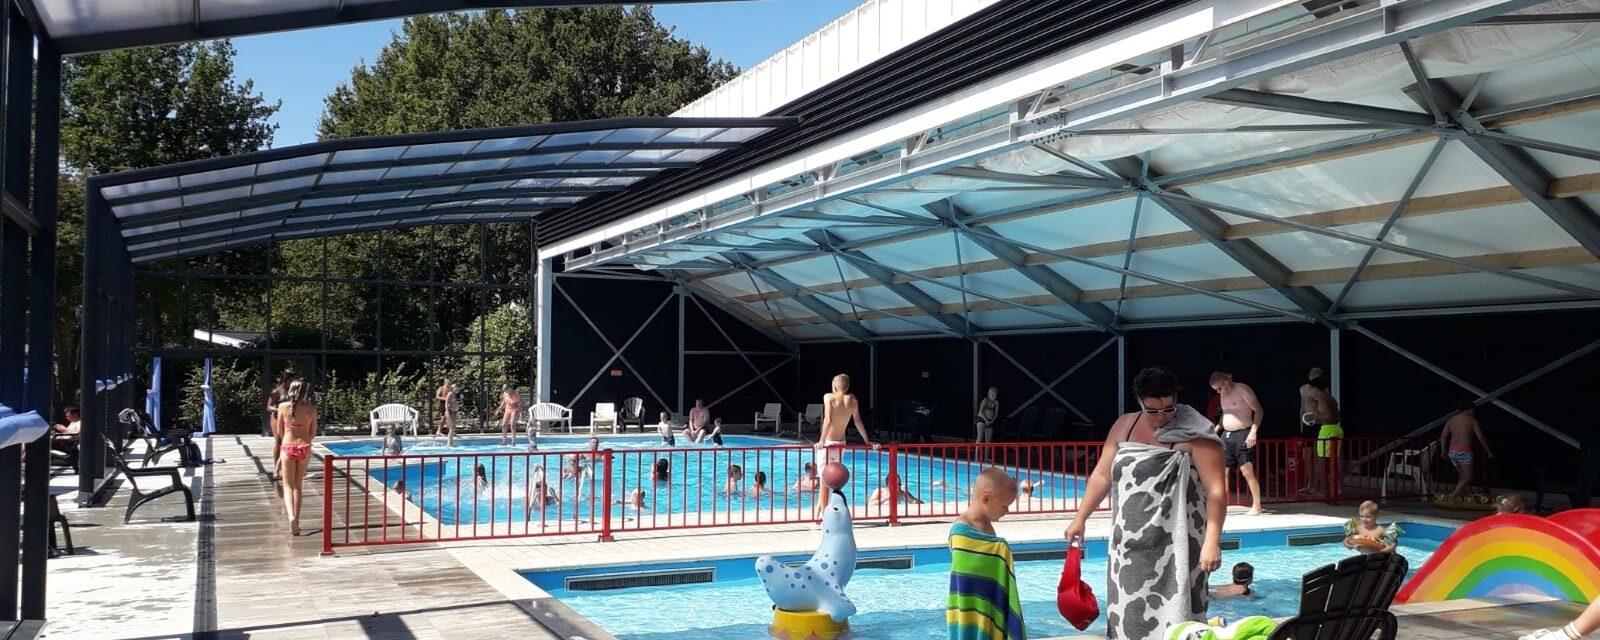 Zwembad met overkapping